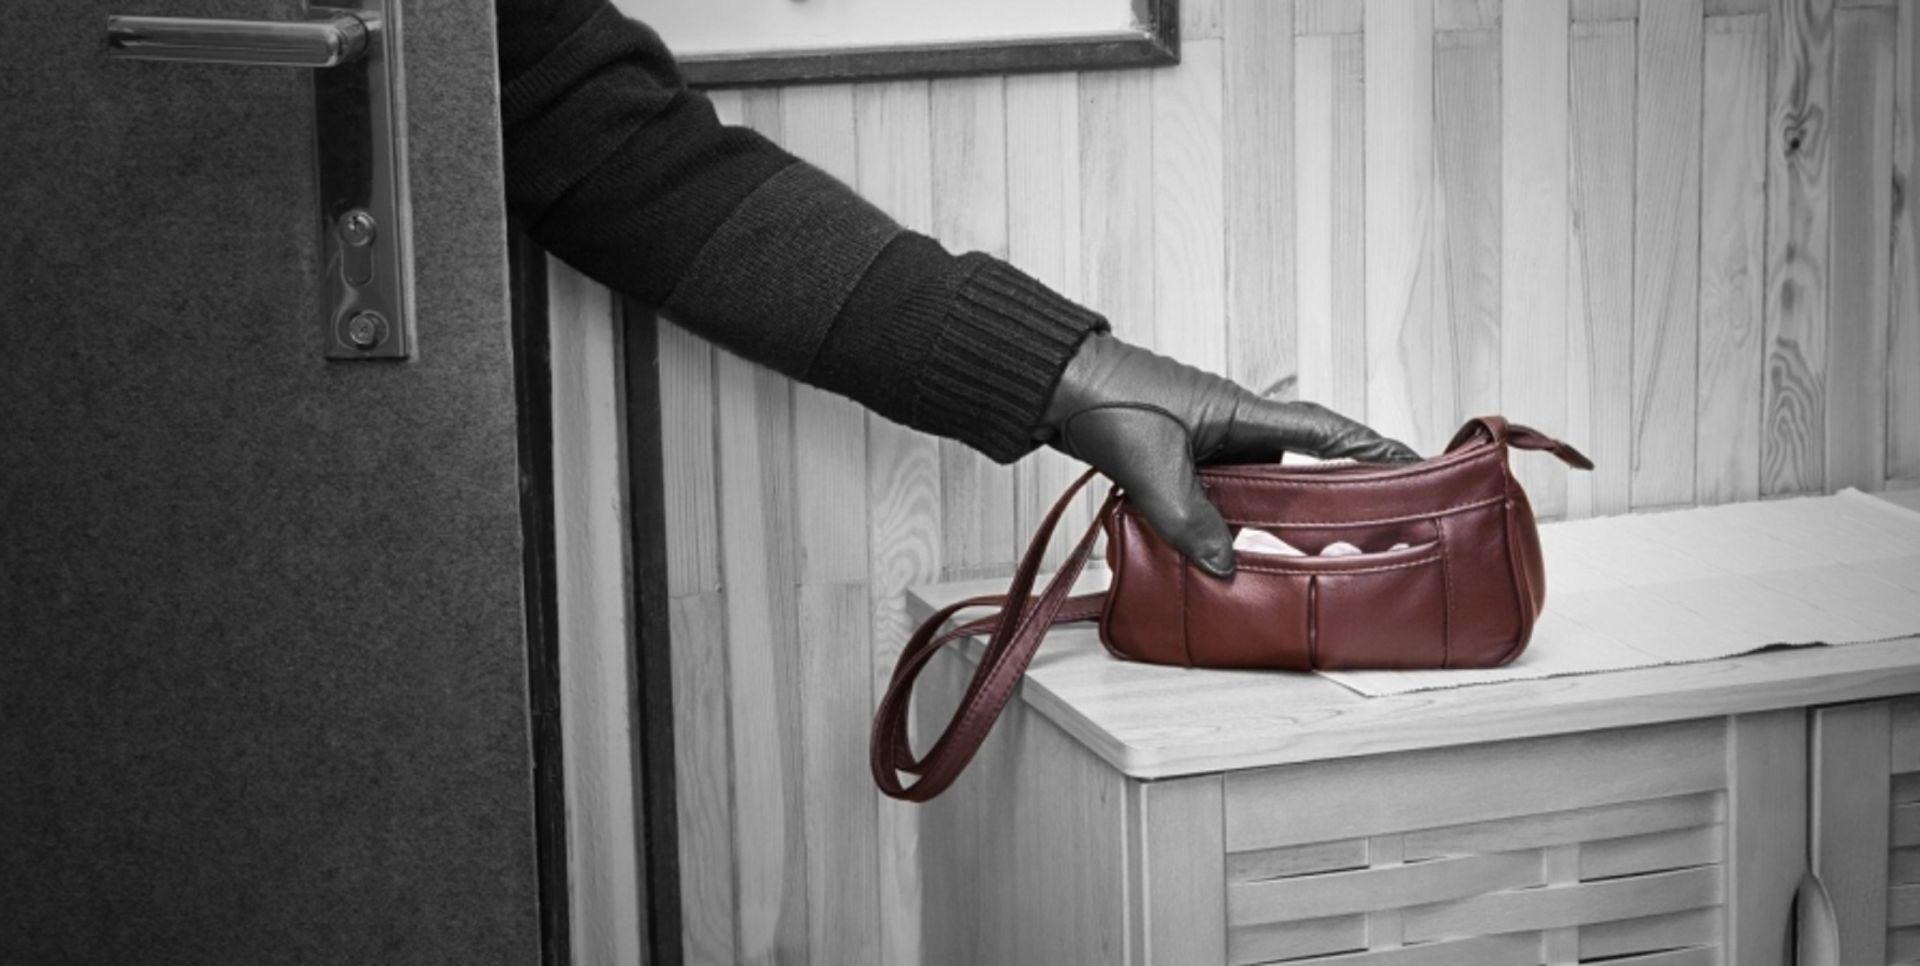 Ставрополец украл у знакомой украшения на 400 тысяч рублей и скрылся